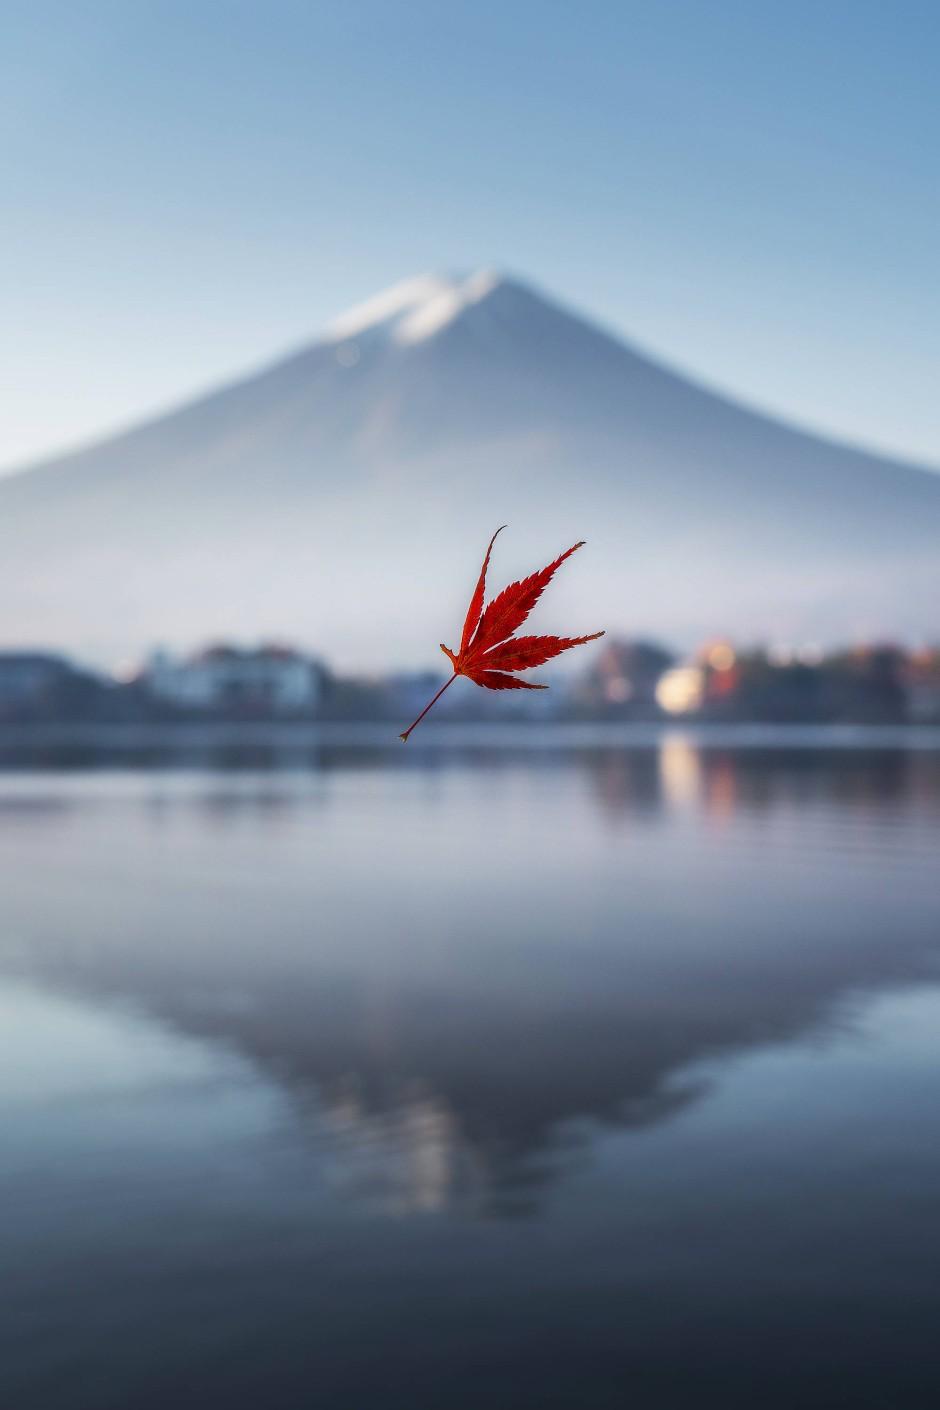 Ein herbstlich verfärbtes Blatt am Kawaguchi-See vor der Kulisse des japanischen Berges Fuji.